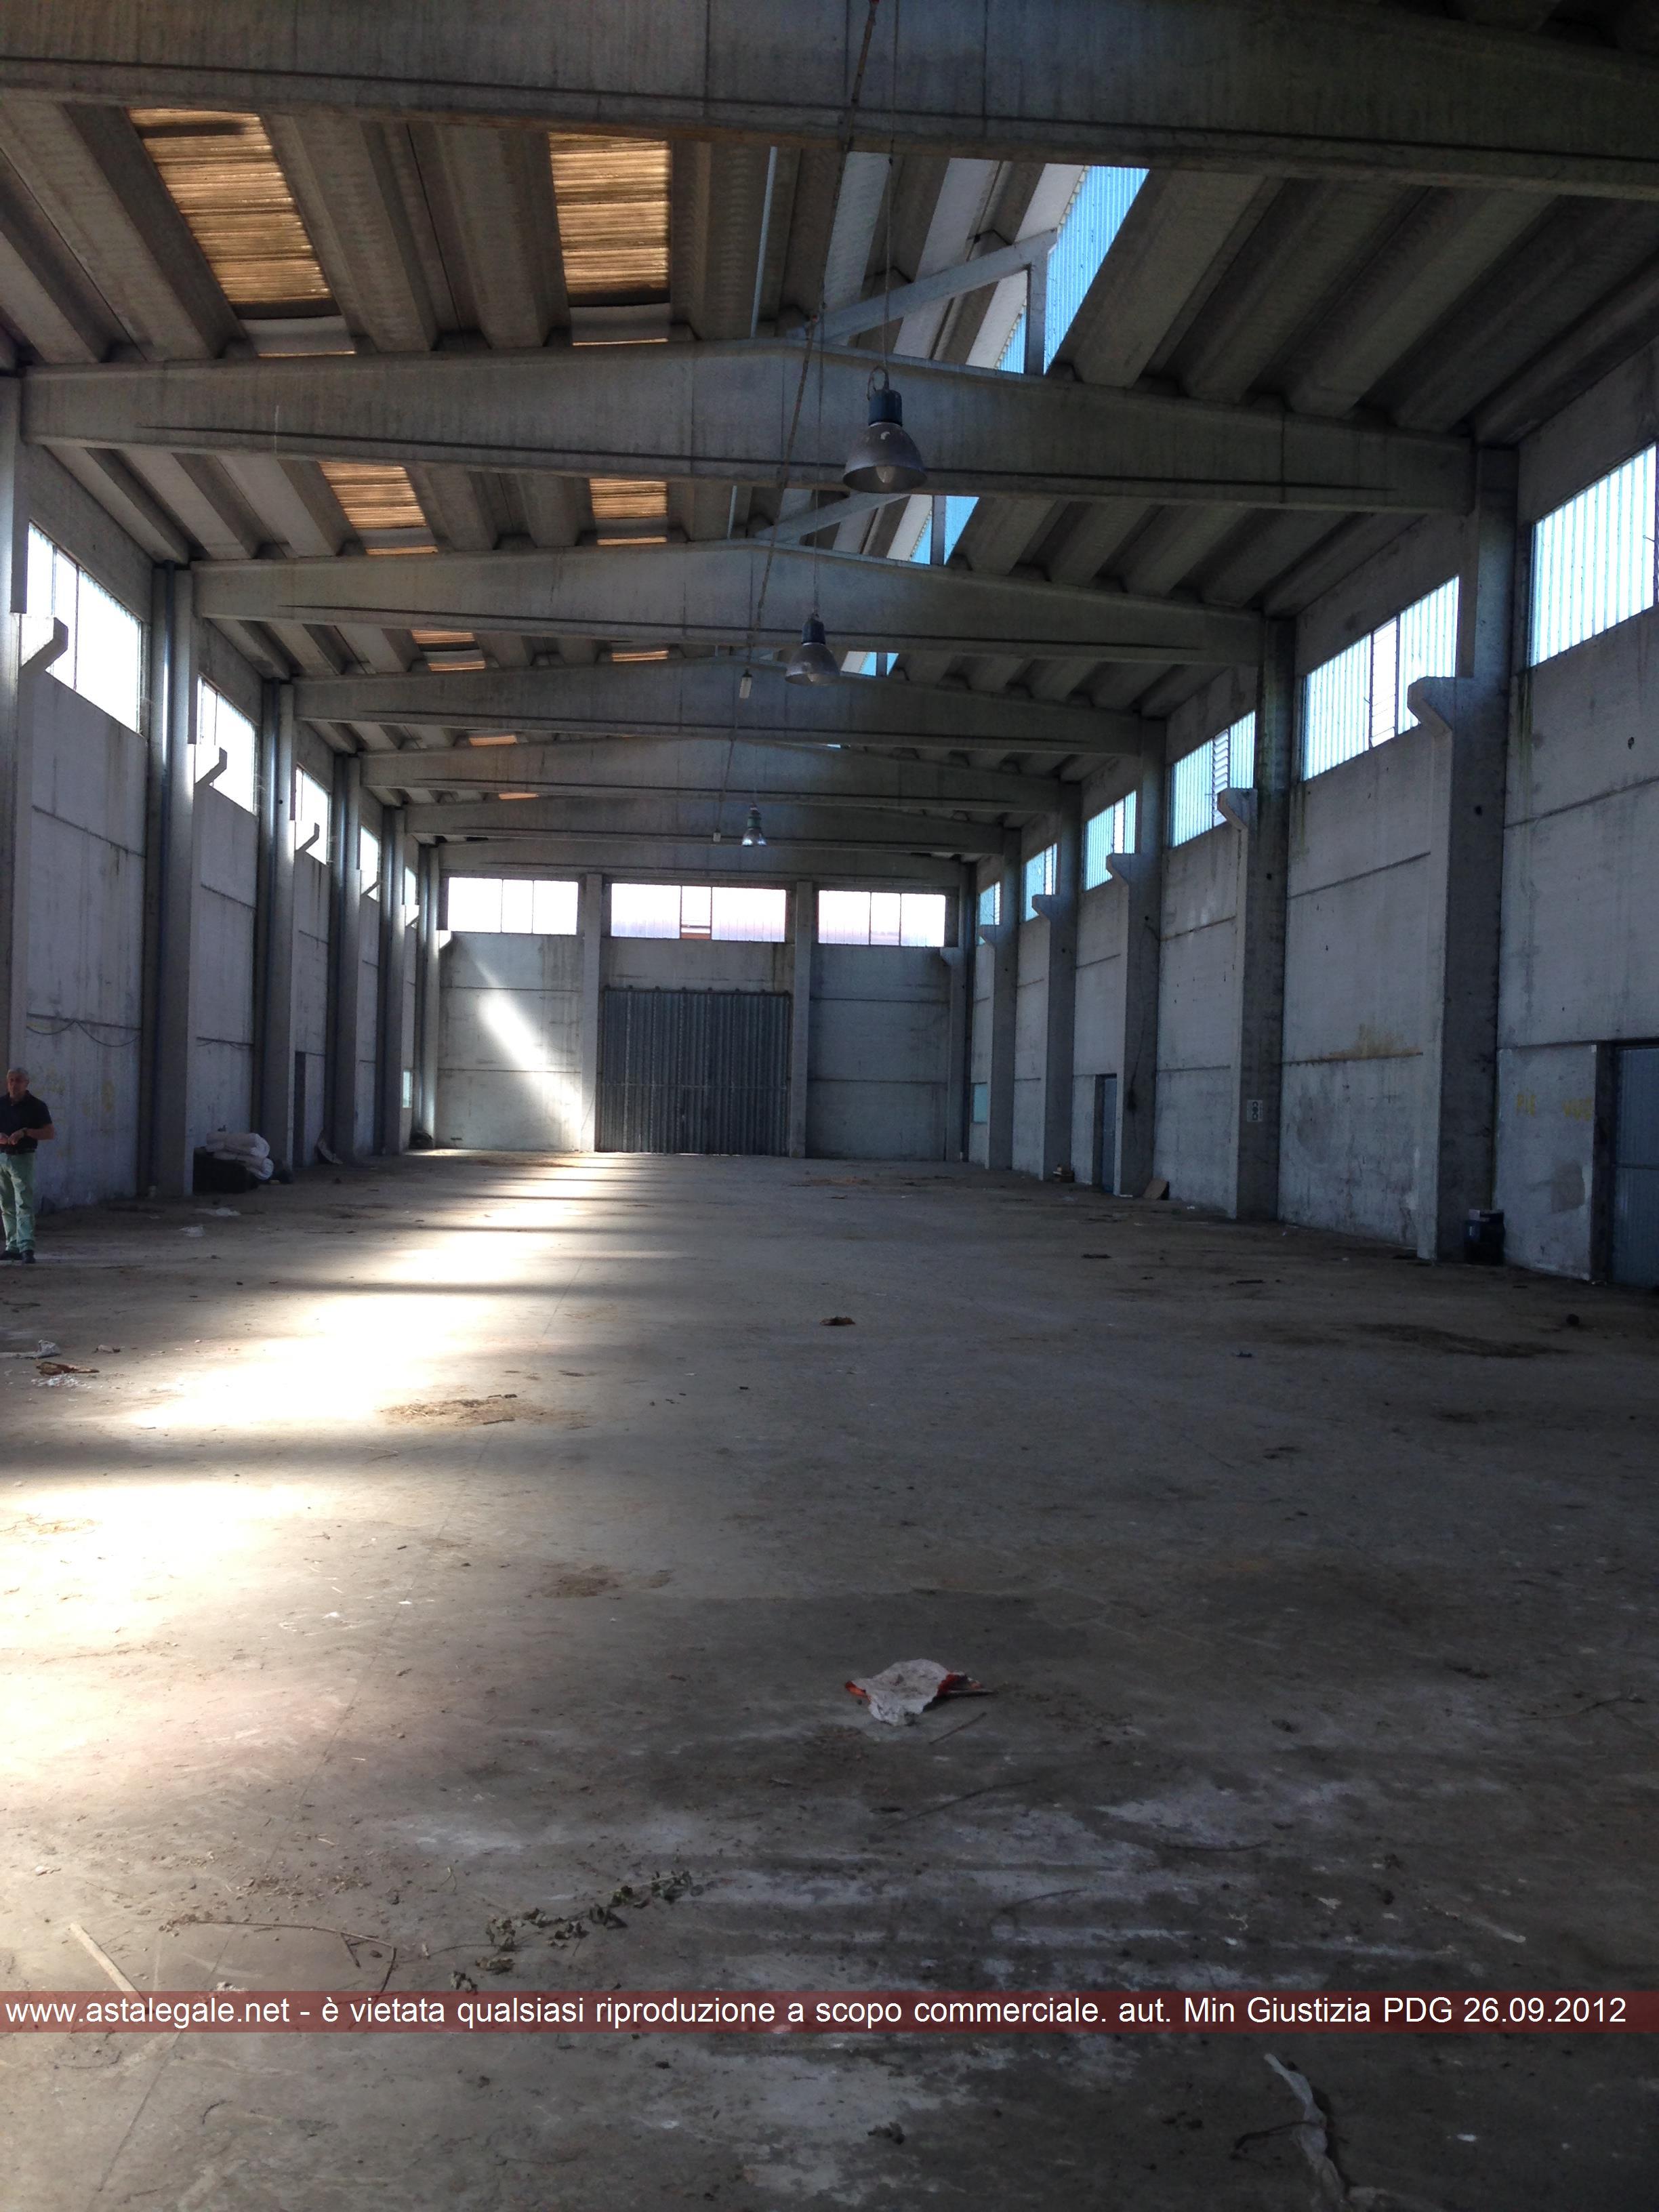 Bolano (SP) Localita' Ceparana Vecchia - Via Puccini 3/A